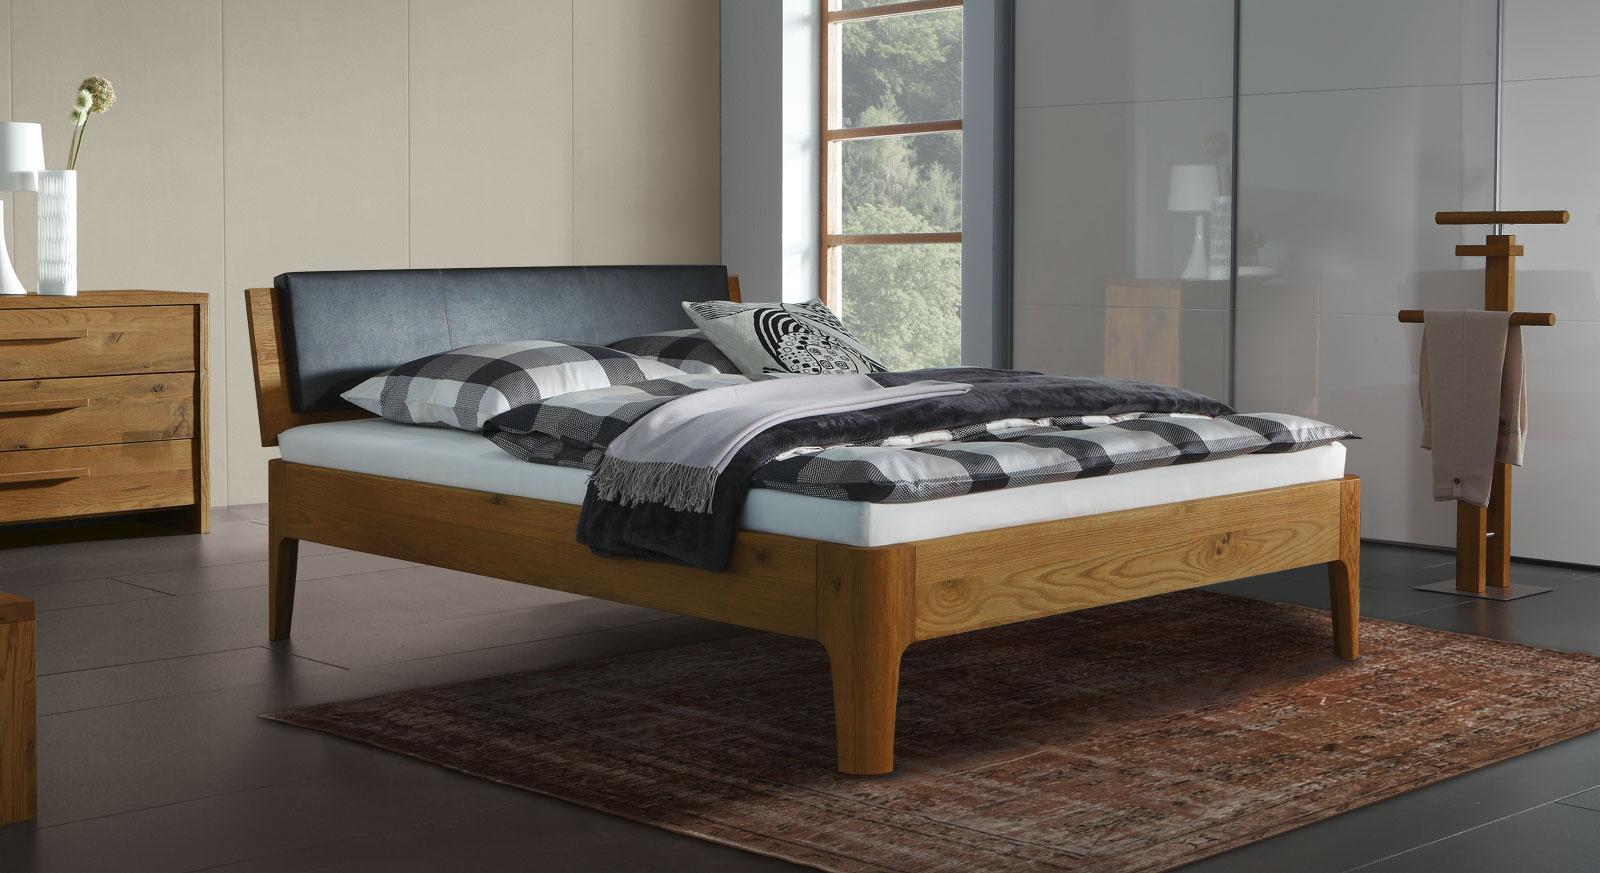 Eiche-Bett Lugo in natur mit 25cm hohen Füßen